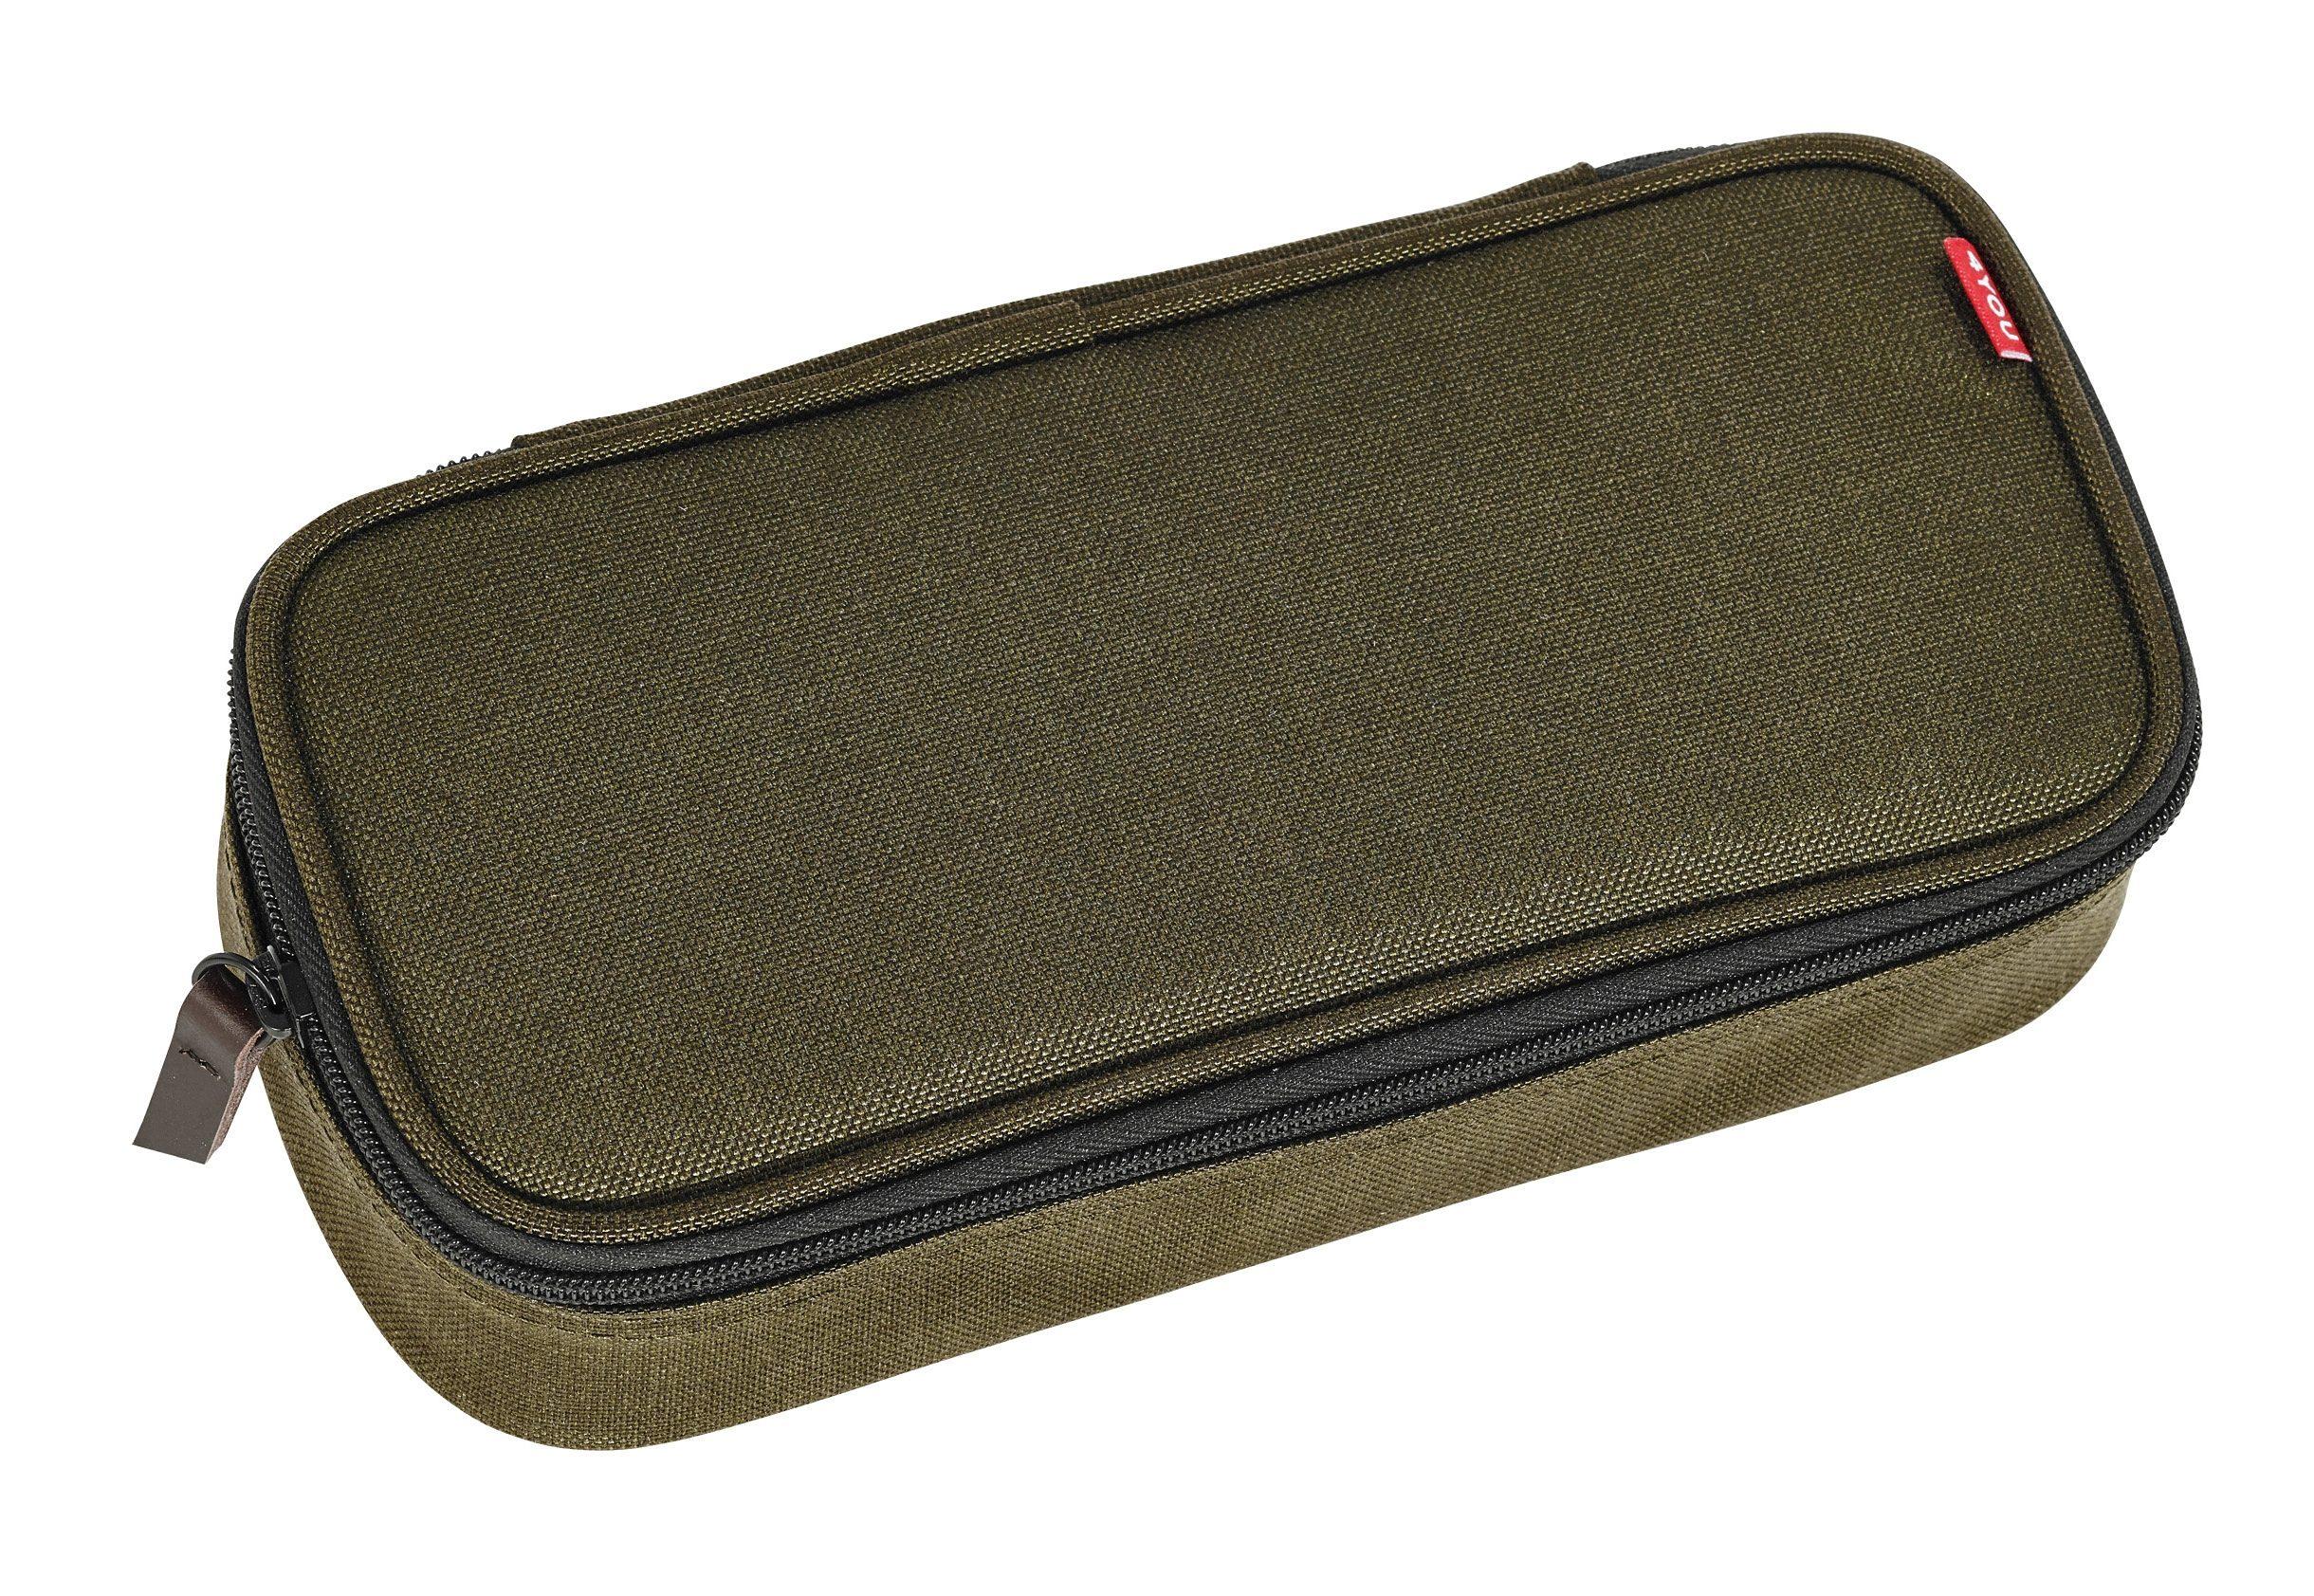 4YOU Mäppchen mit Geodreieck®, Olive, »Pencil Case«